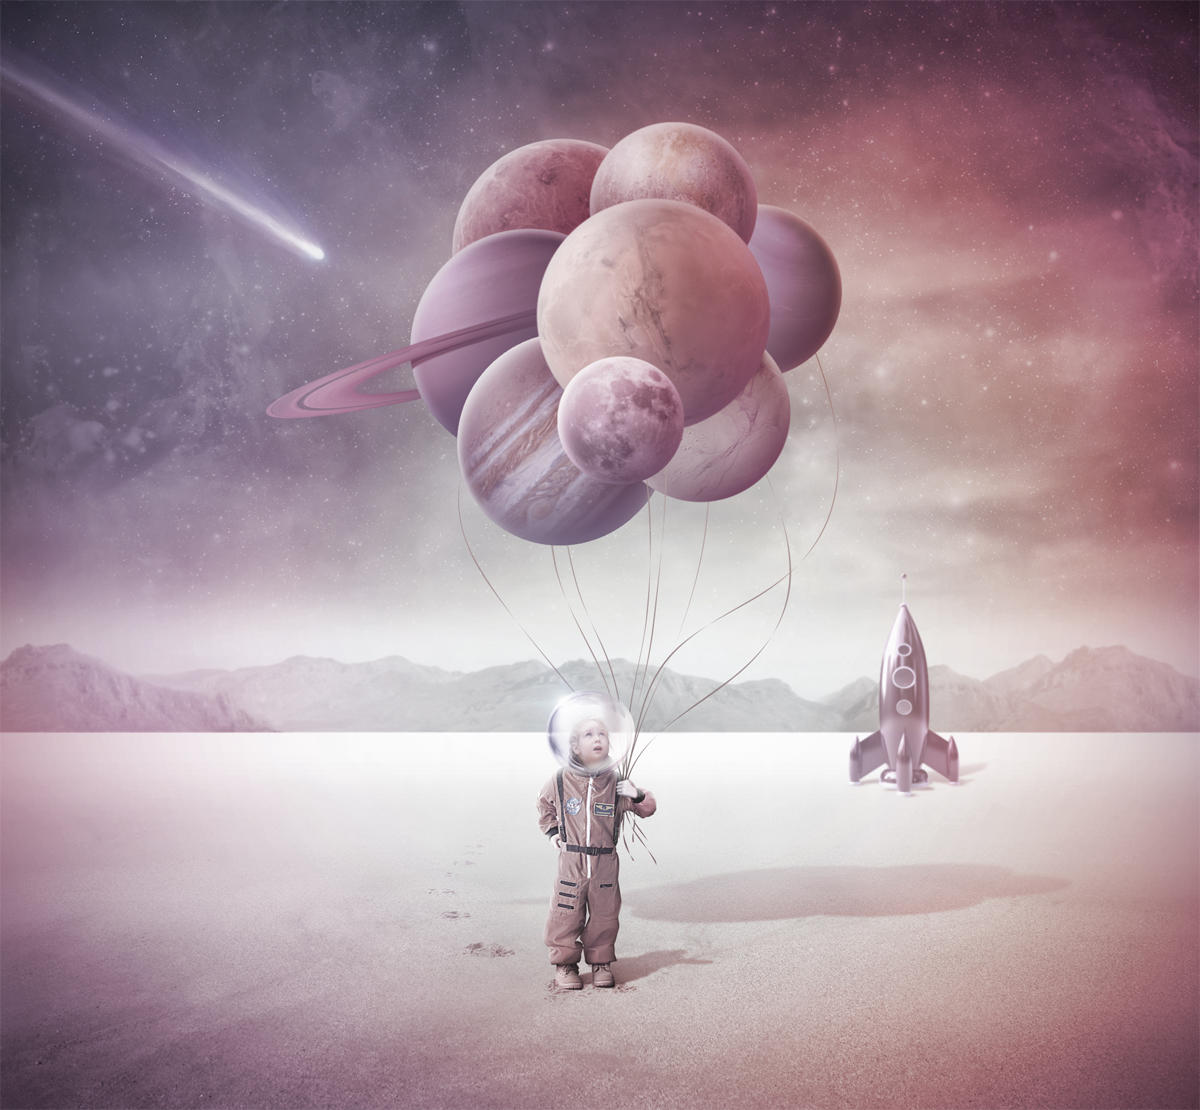 Never Grow Up 1 / Spacegirl, Planets Hunter by LAMBDA256